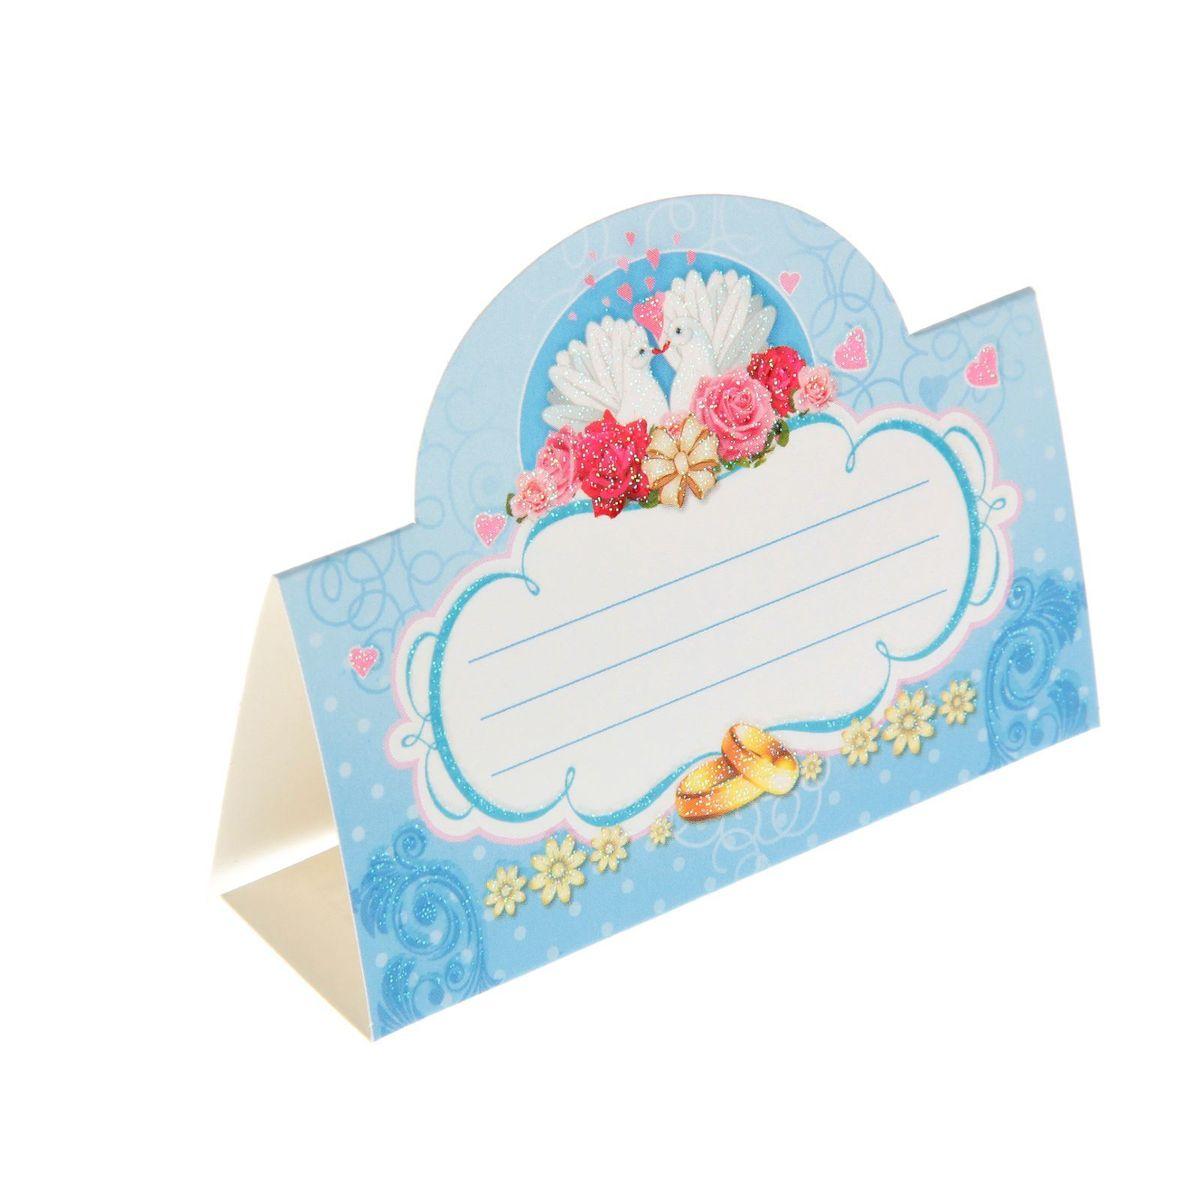 Банкетная карточка Миленд, цвет: голубой1233366Красиво оформленный свадебный стол - это эффектное, неординарное и очень значимое обрамление для проведения любого запланированного вами торжества. Банкетная карточка Миленд - красивое и оригинальное украшение зала, которое дополнит выдержанный стиль мероприятия и передаст праздничное настроение вам и вашим гостям.